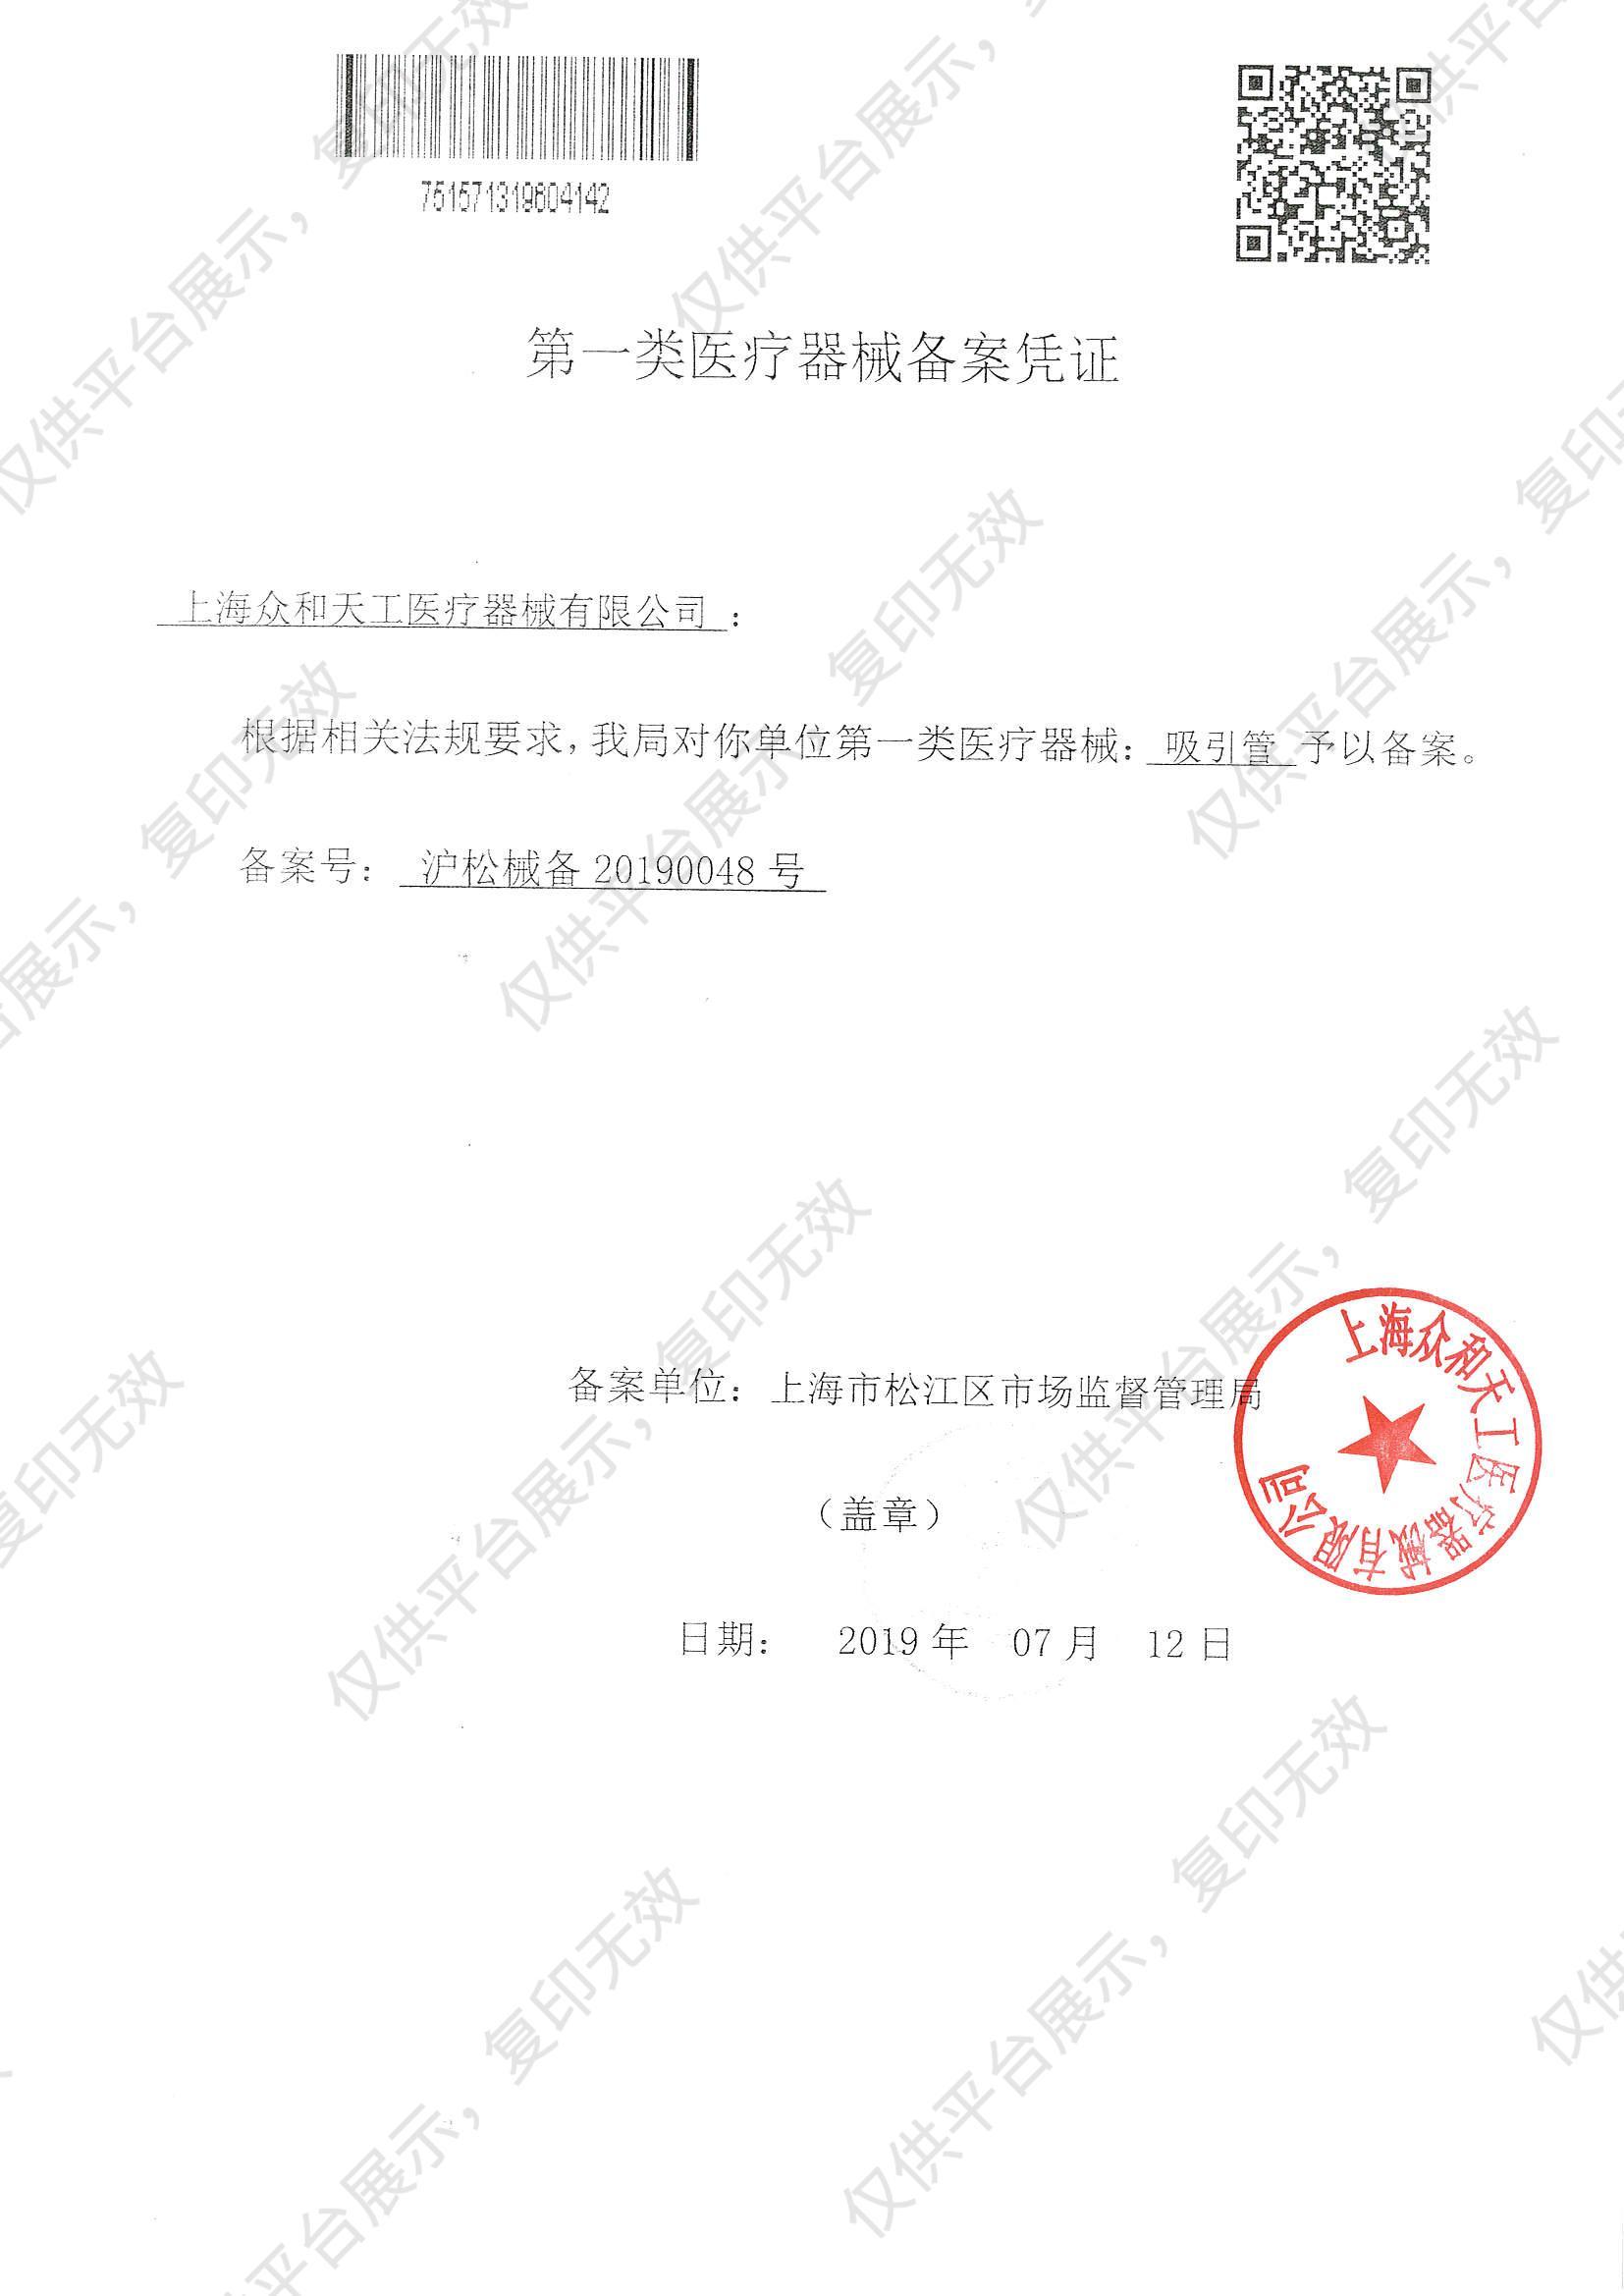 众和天工 螺旋口吸引管(单孔) 090707(Φ2.5x200)注册证